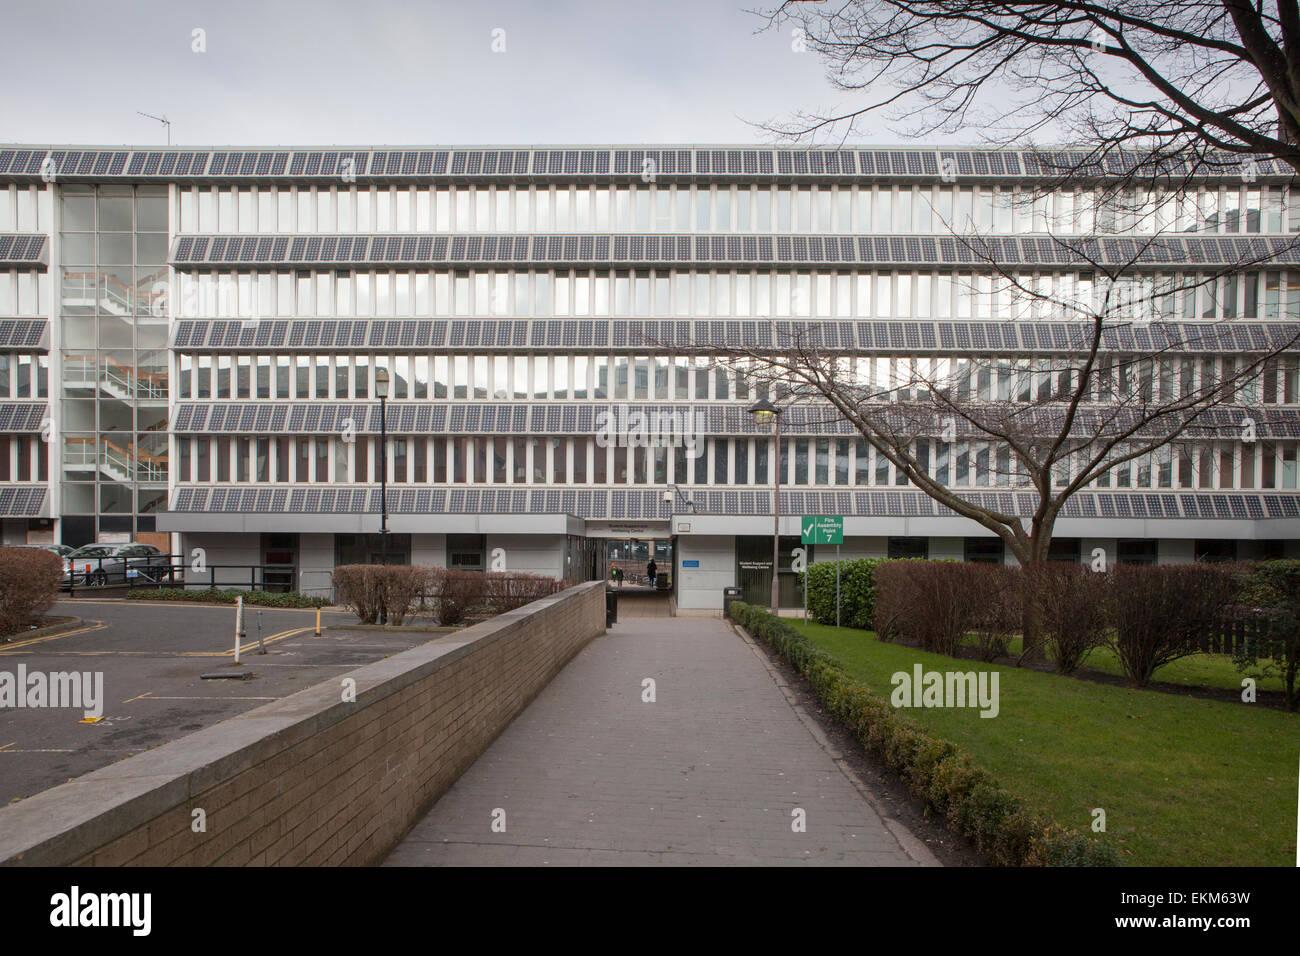 Un edificio en la Universidad de Northumbria cubiertos con paneles solares. Newcastle upon Tyne, Reino Unido Imagen De Stock